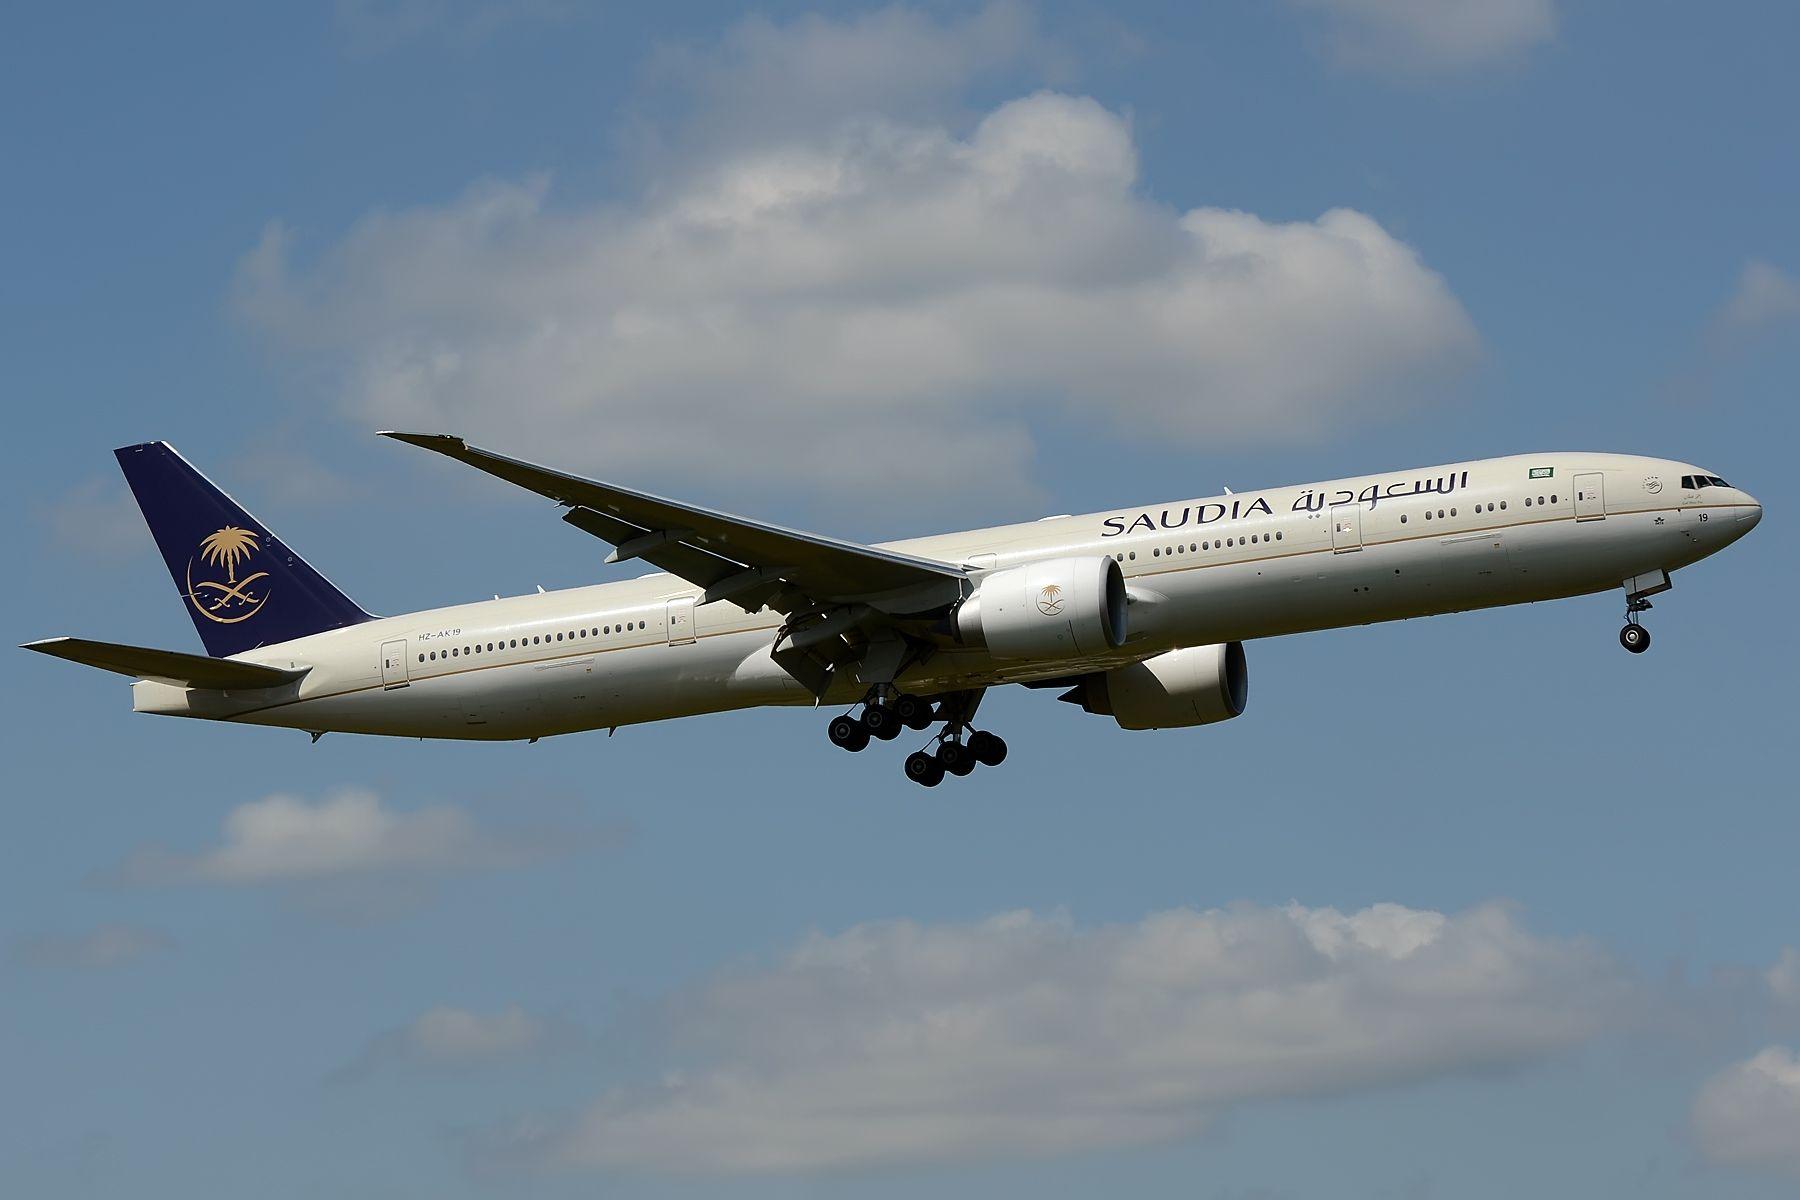 الخطوط السعودية Online Tickets Passenger Passenger Jet